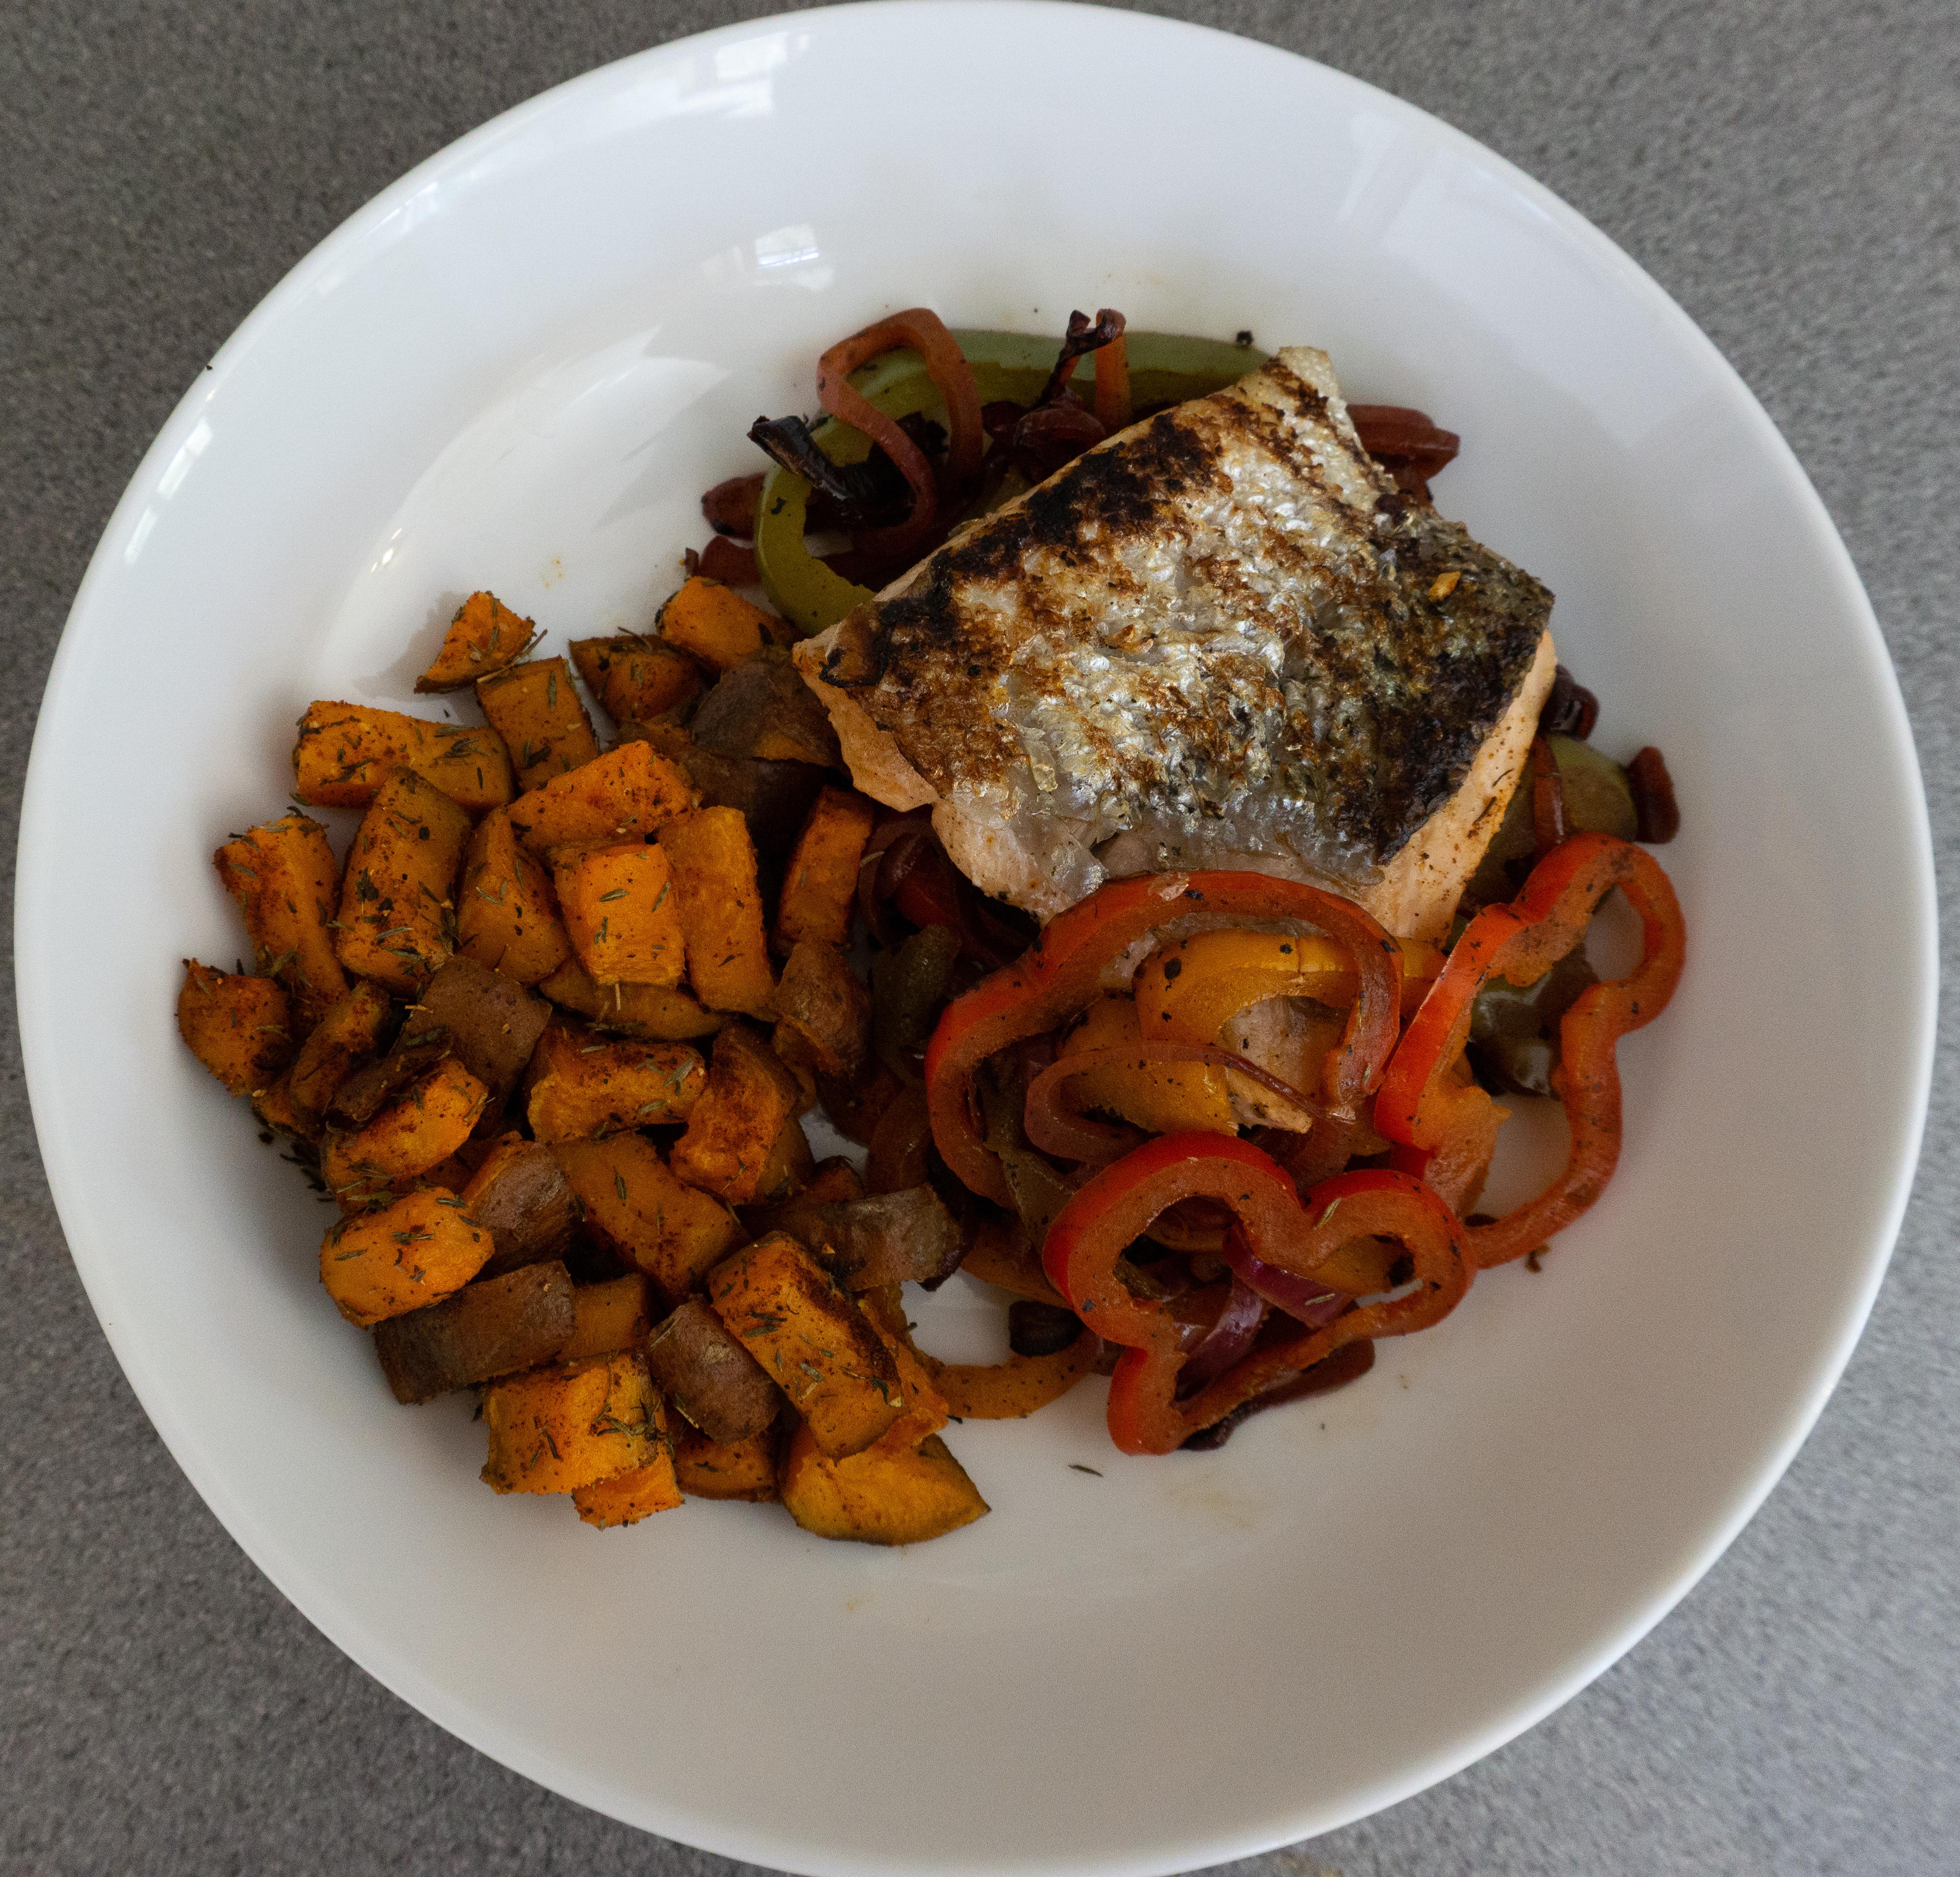 Escovitch Salmon